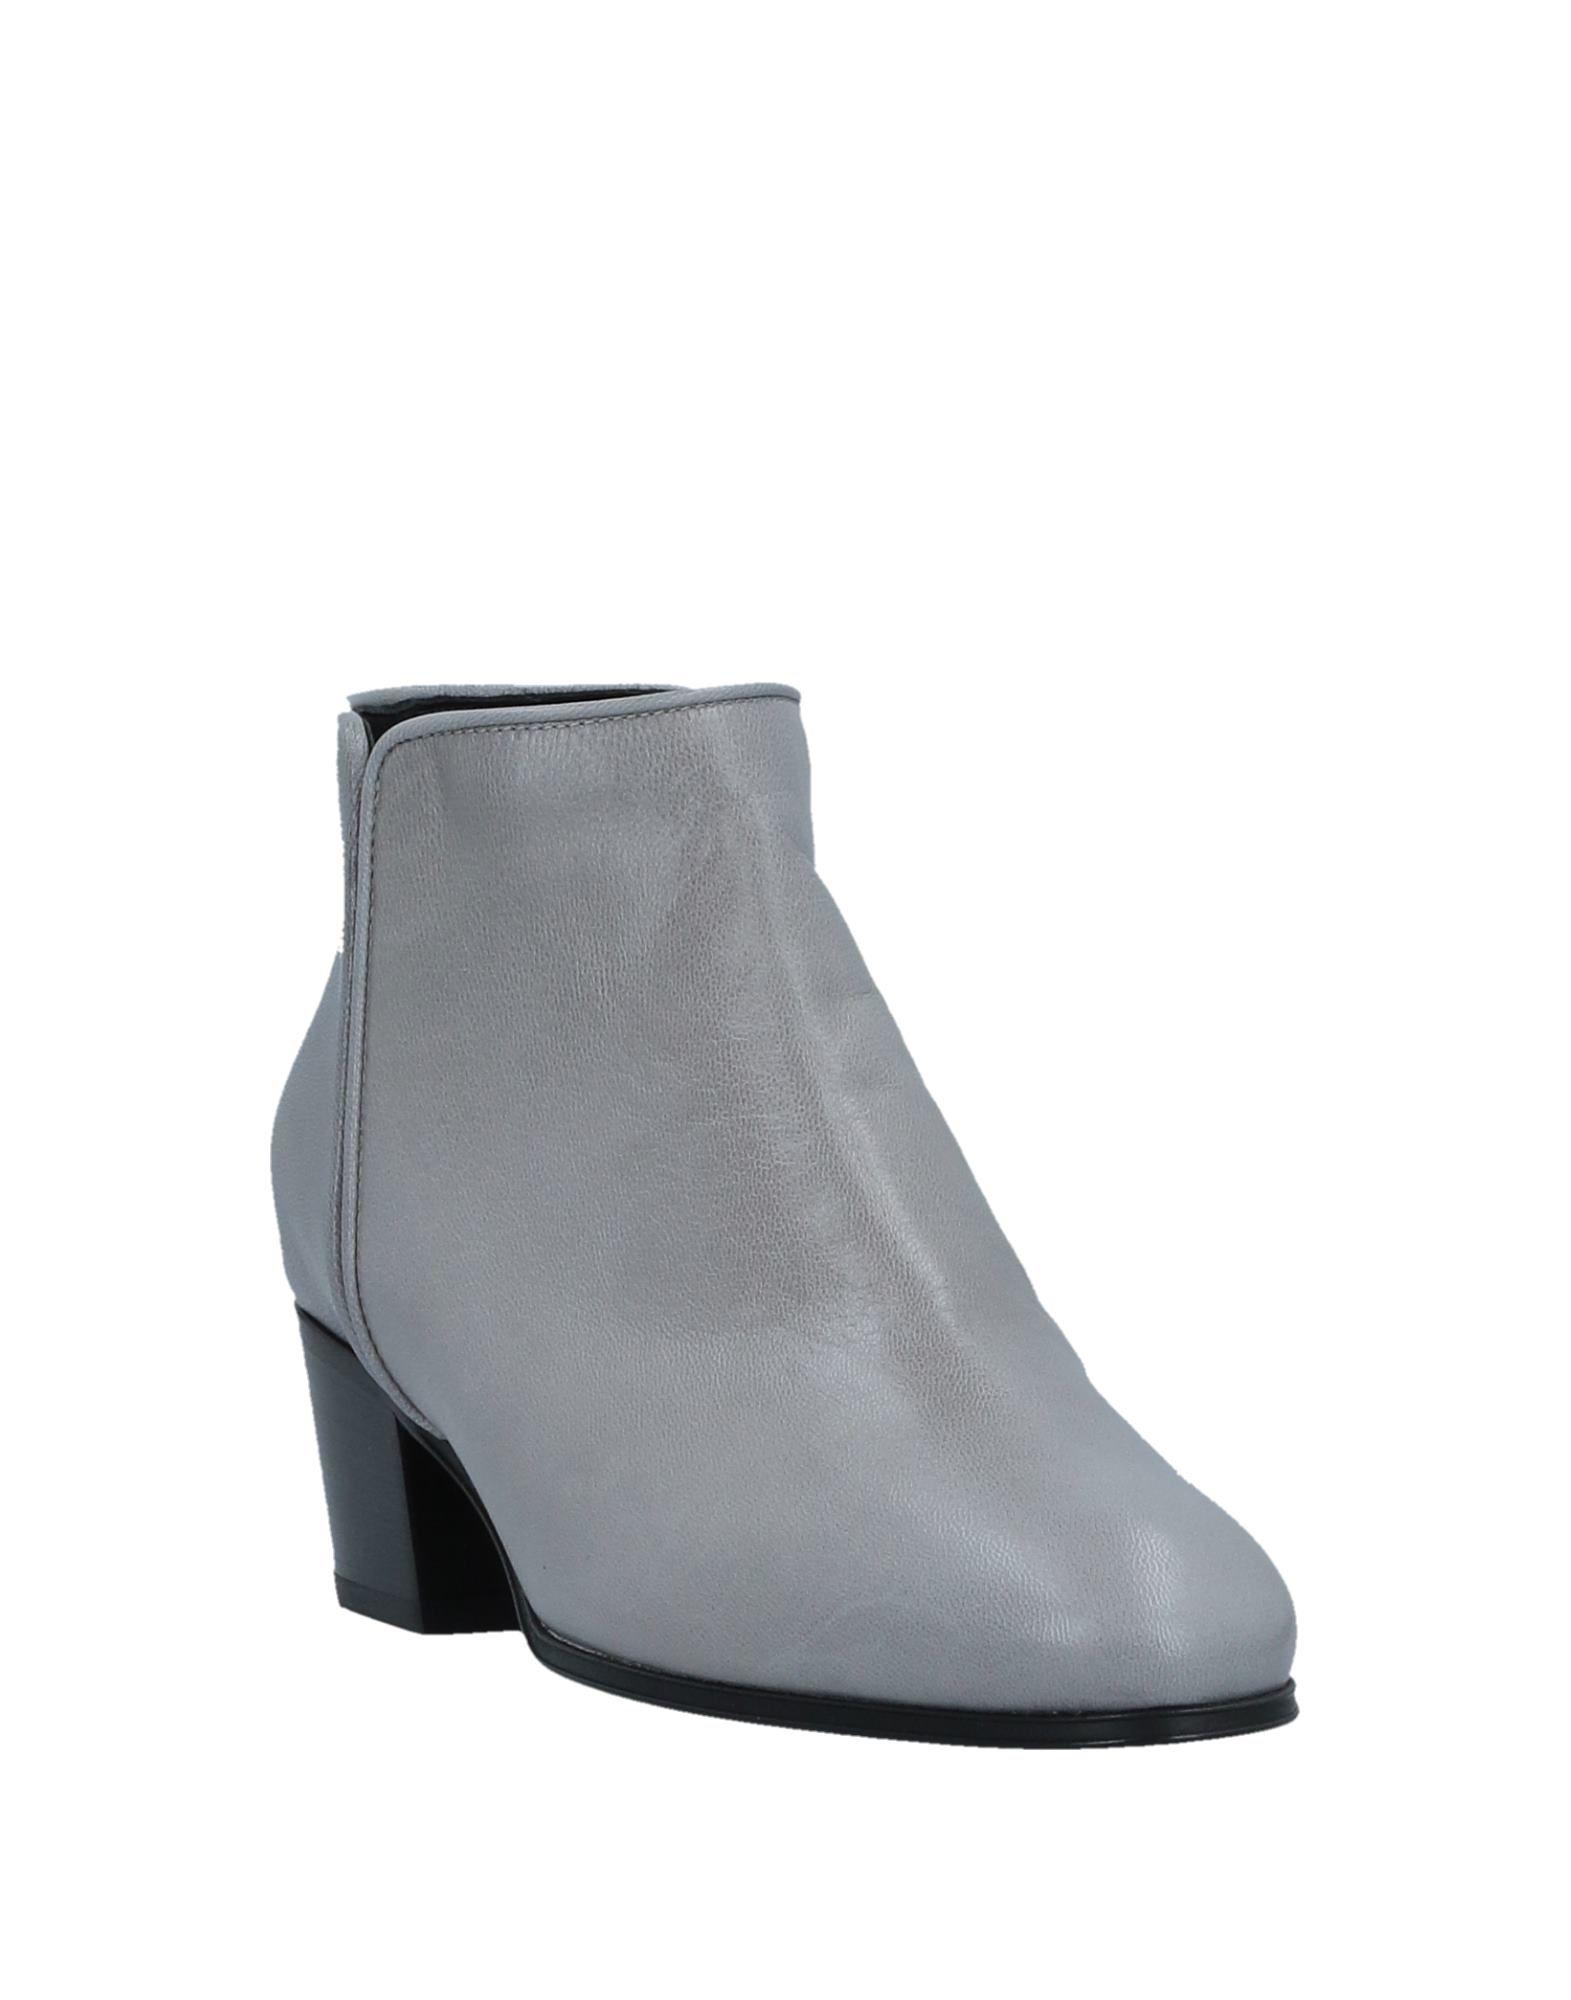 Giuseppe Giuseppe Giuseppe Zanotti Stiefelette Damen  11523078FN Neue Schuhe 5a58e8